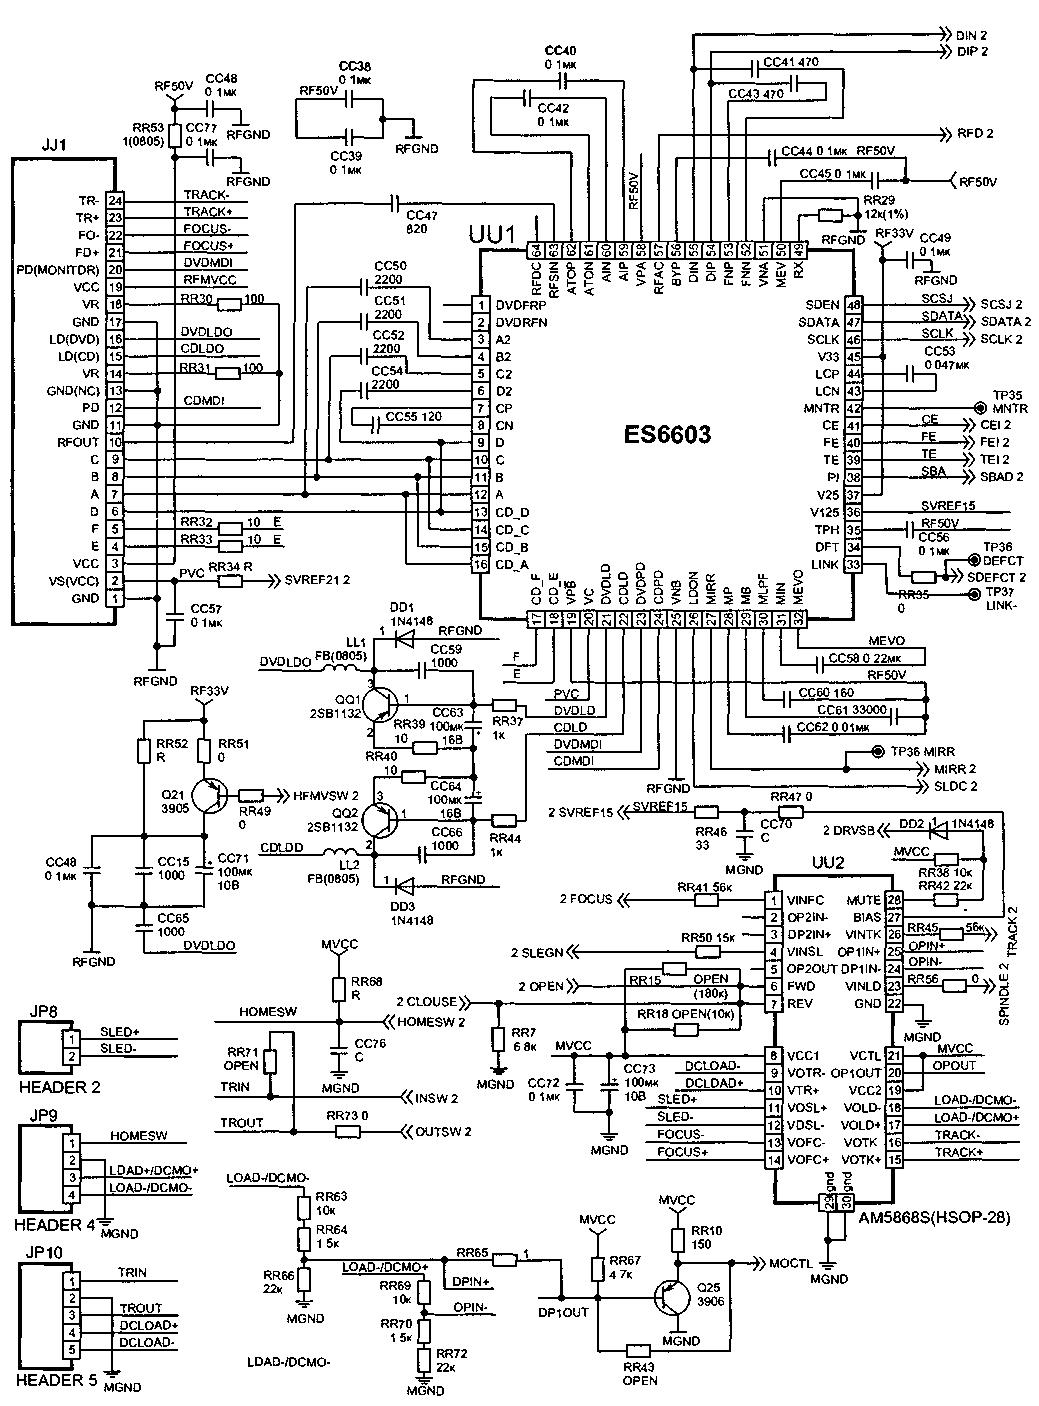 Схема двд привода своими руками схема